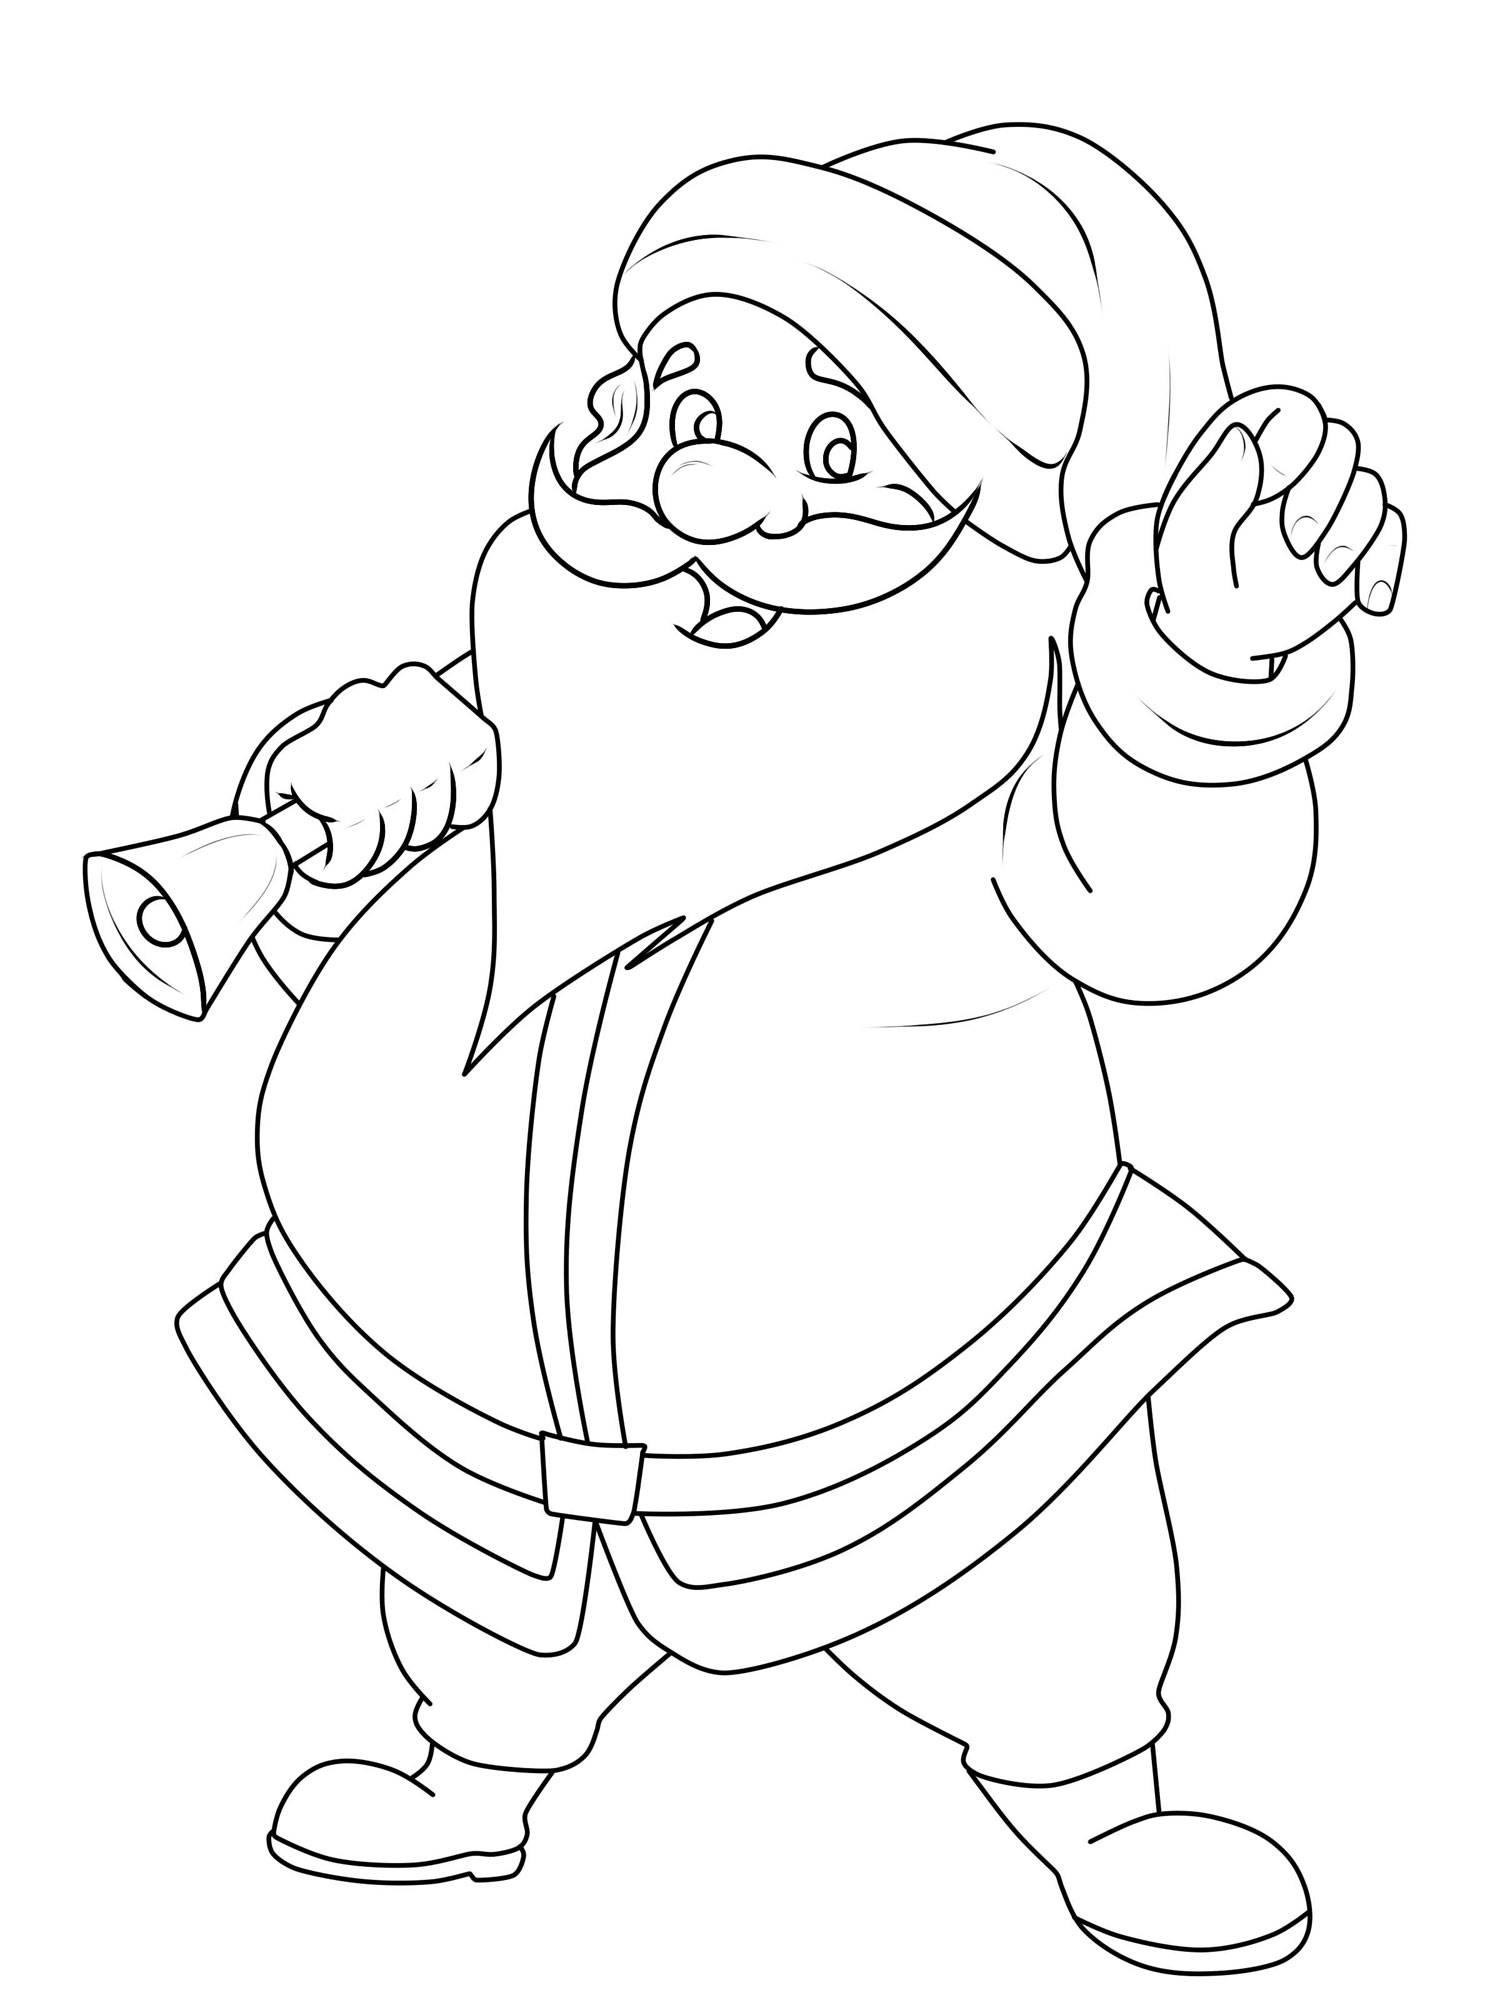 Kostenlose Malvorlage Weihnachtsmänner: Weihnachtsmann Zum innen Malvorlage Weihnachtsmann